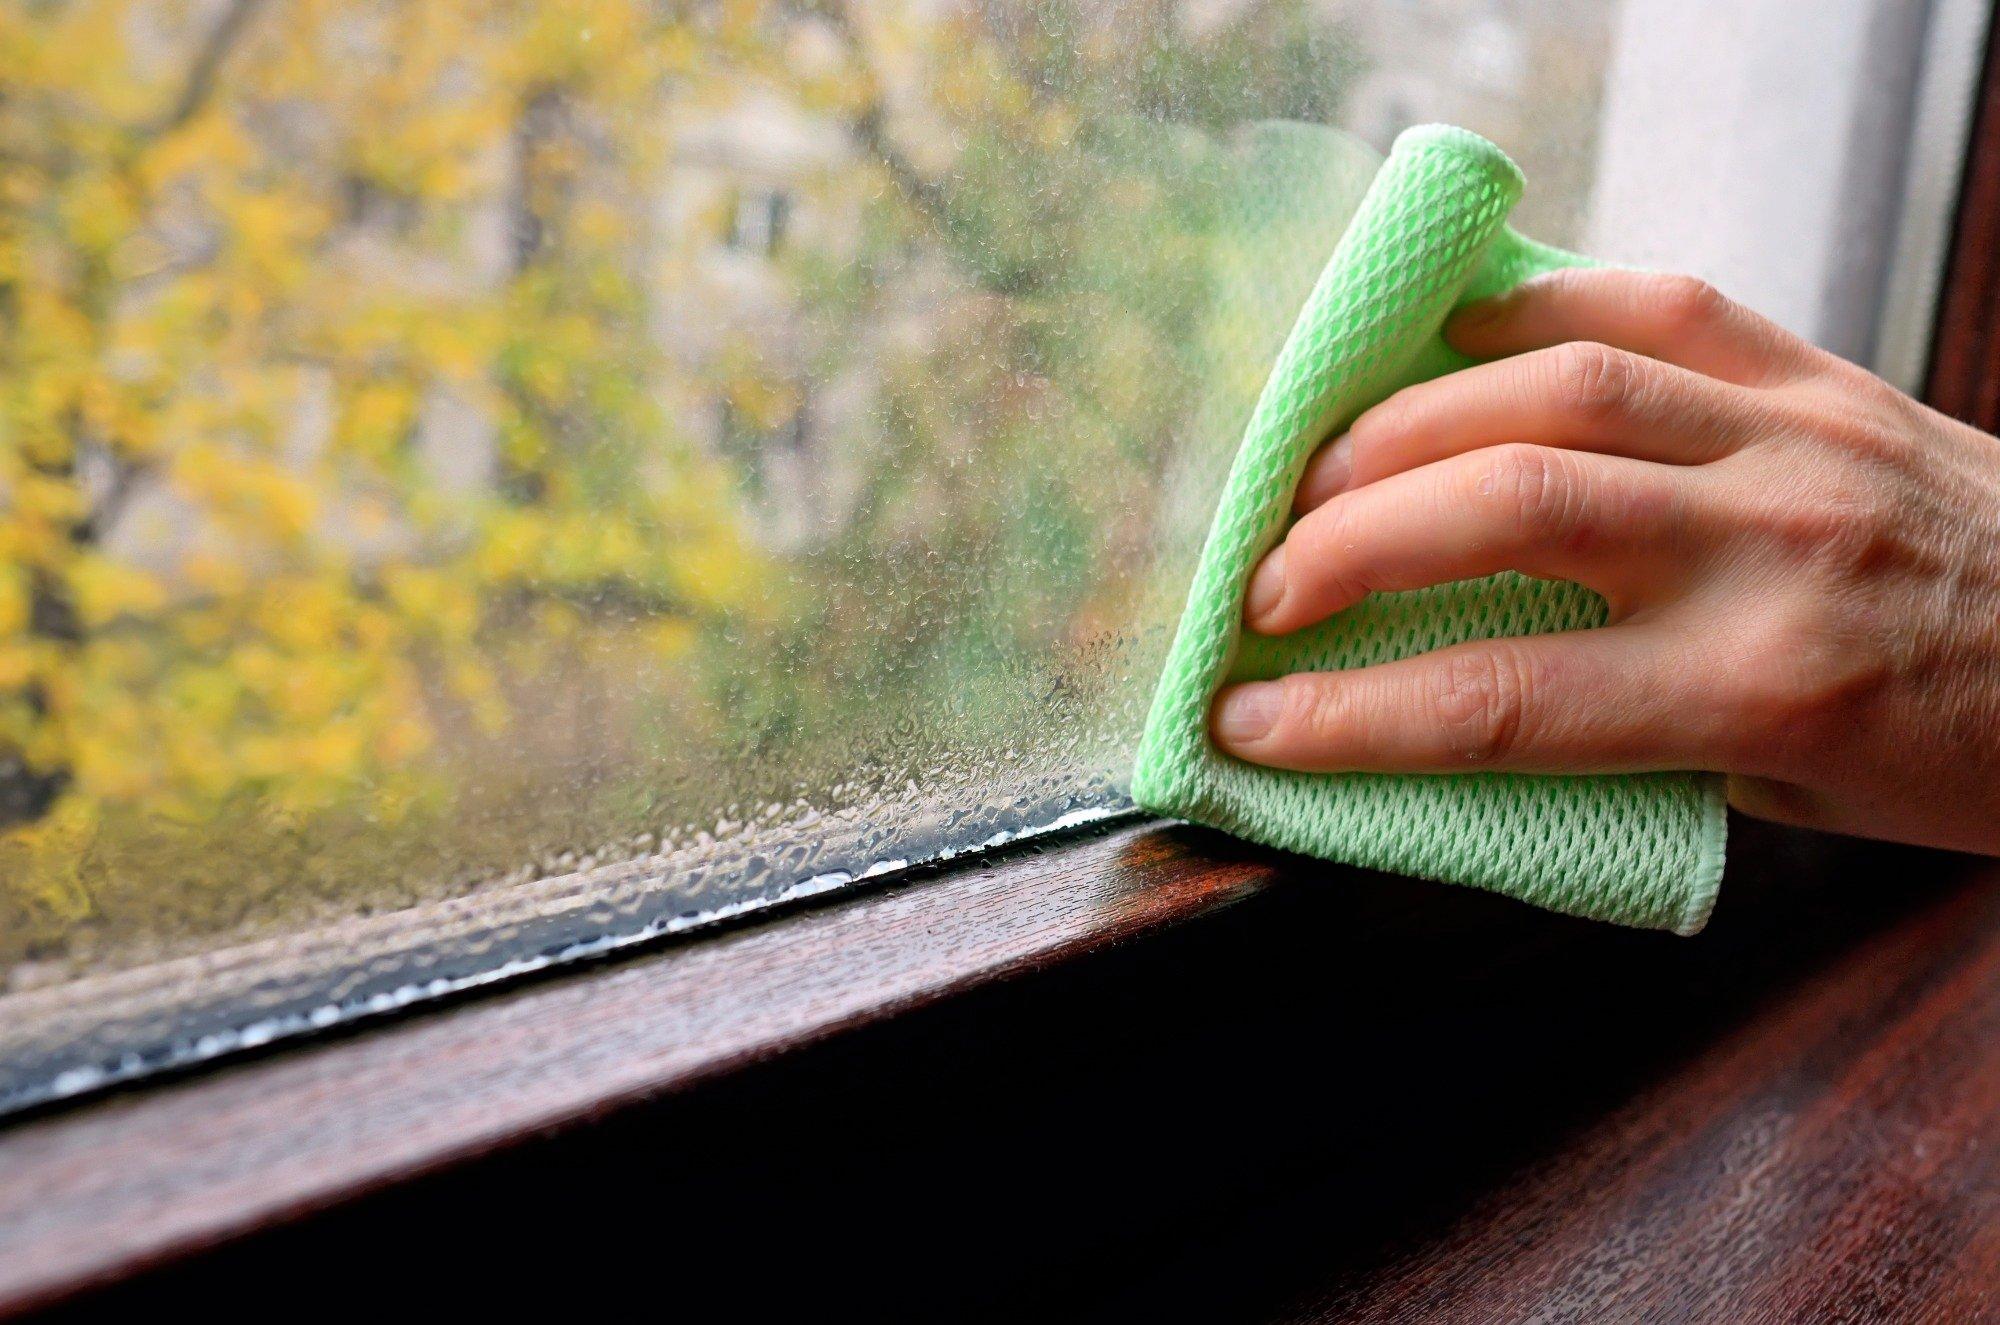 Vincere su muffe e umidità isolando la casa Vincere-muffe-umidit-isolando-ca.jpg (Art. corrente, Pag. 1, Foto generica)